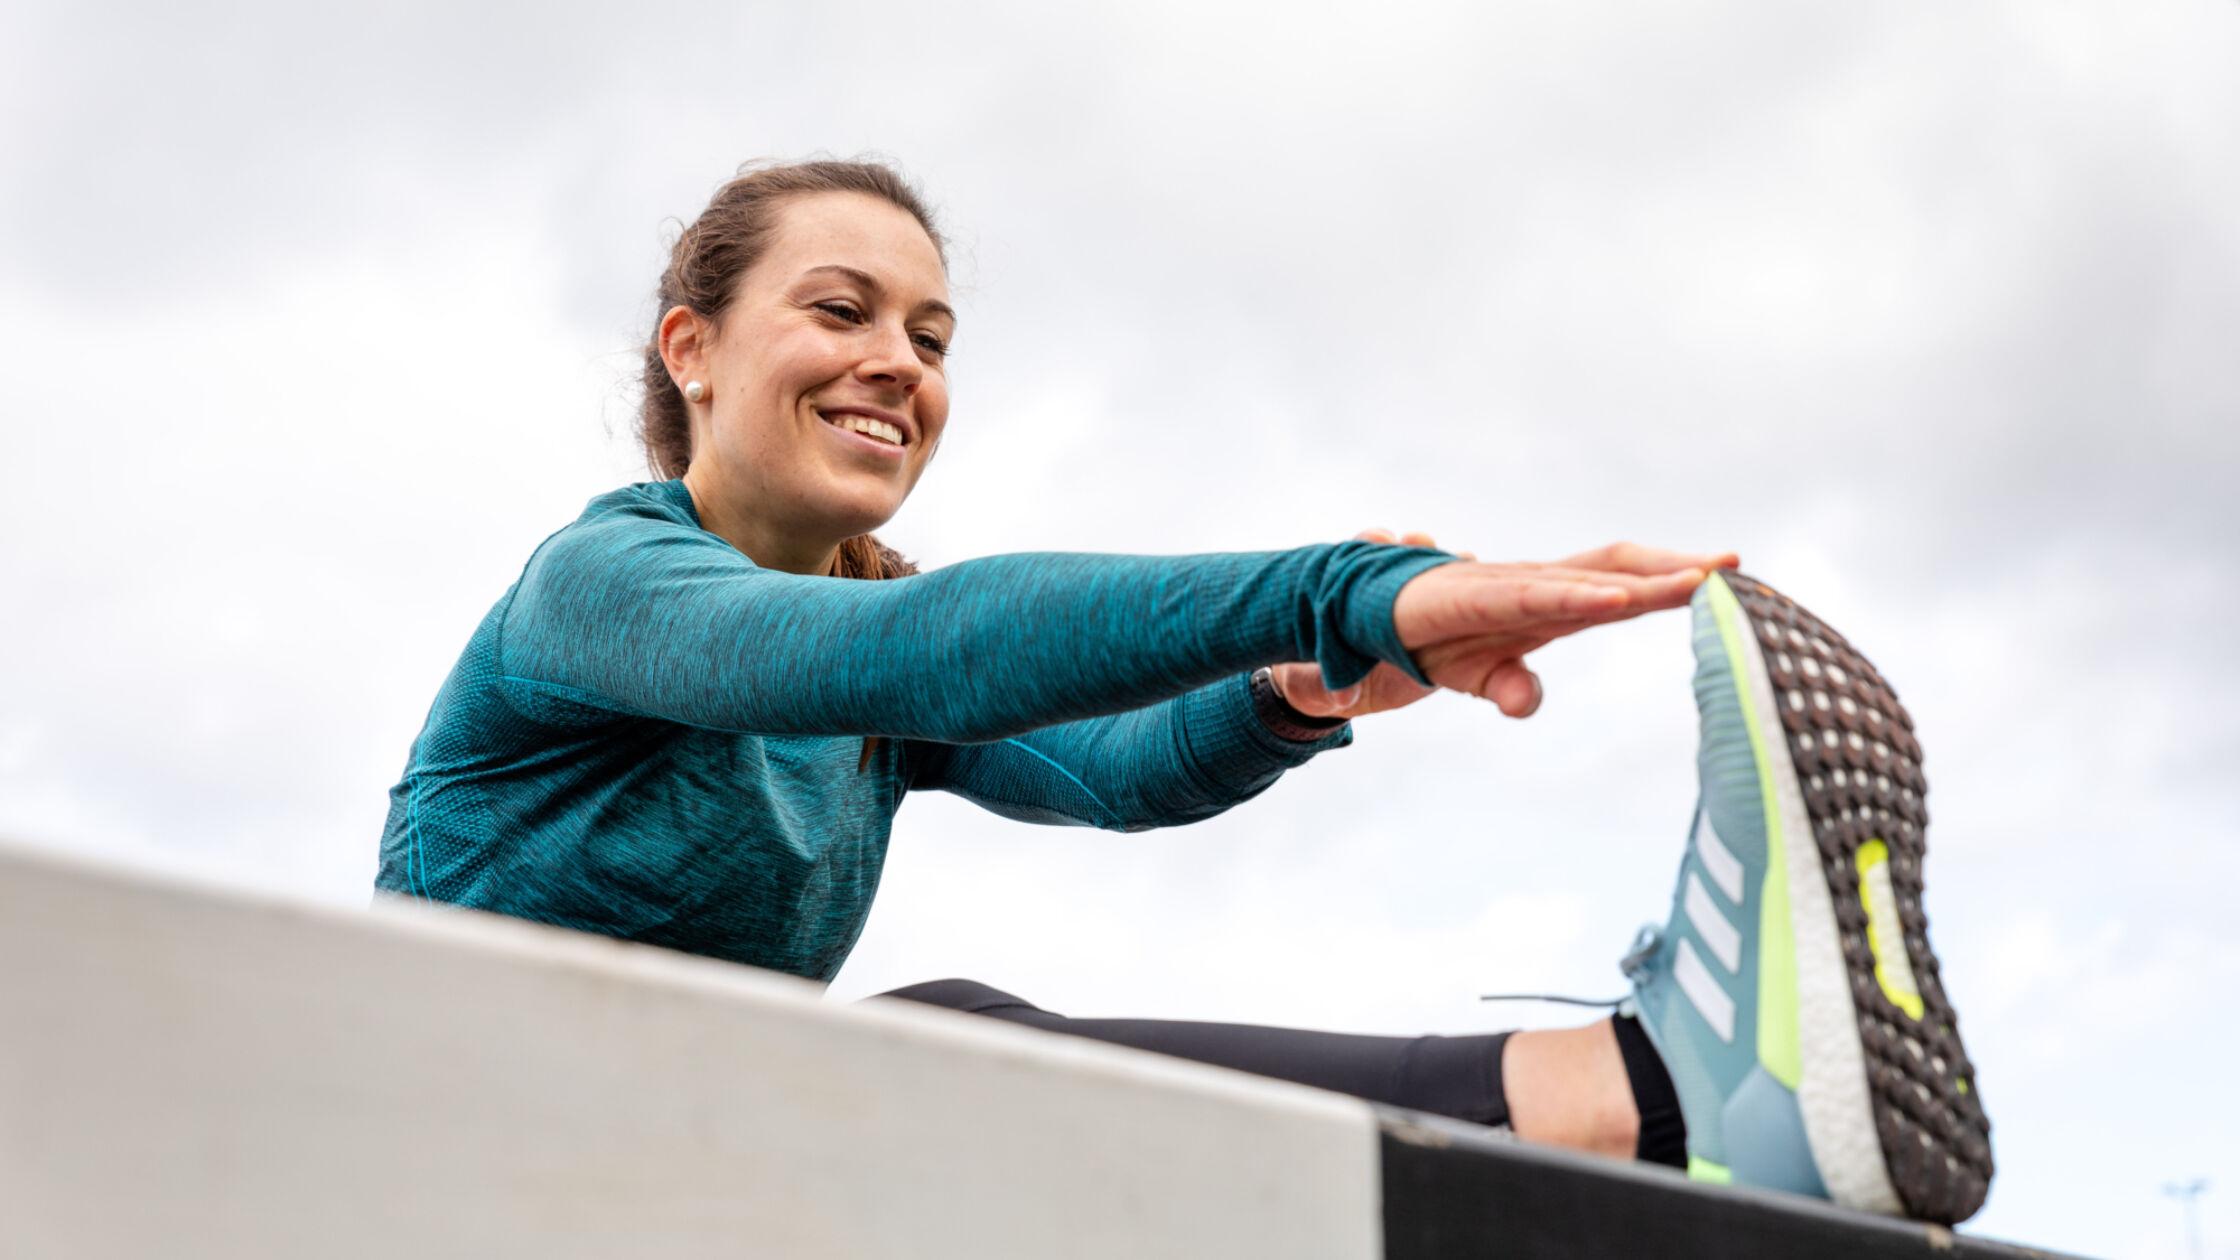 Waarom hardlopen je blij maakt